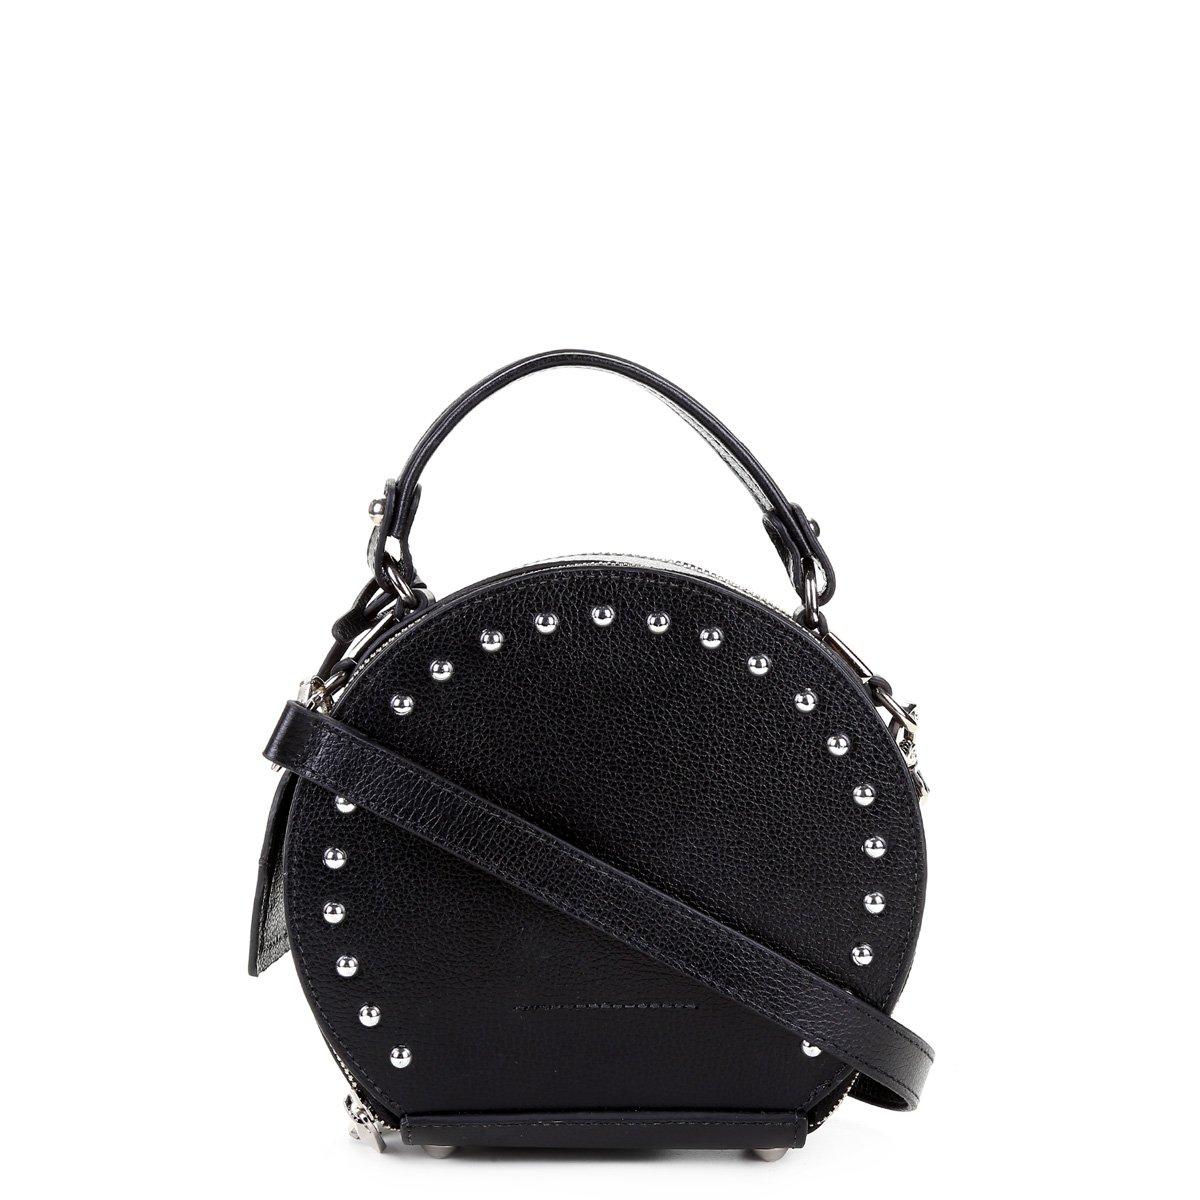 cedd0d8ef Bolsa Couro Shoestock Tiracolo Spikes Feminina | Shoestock